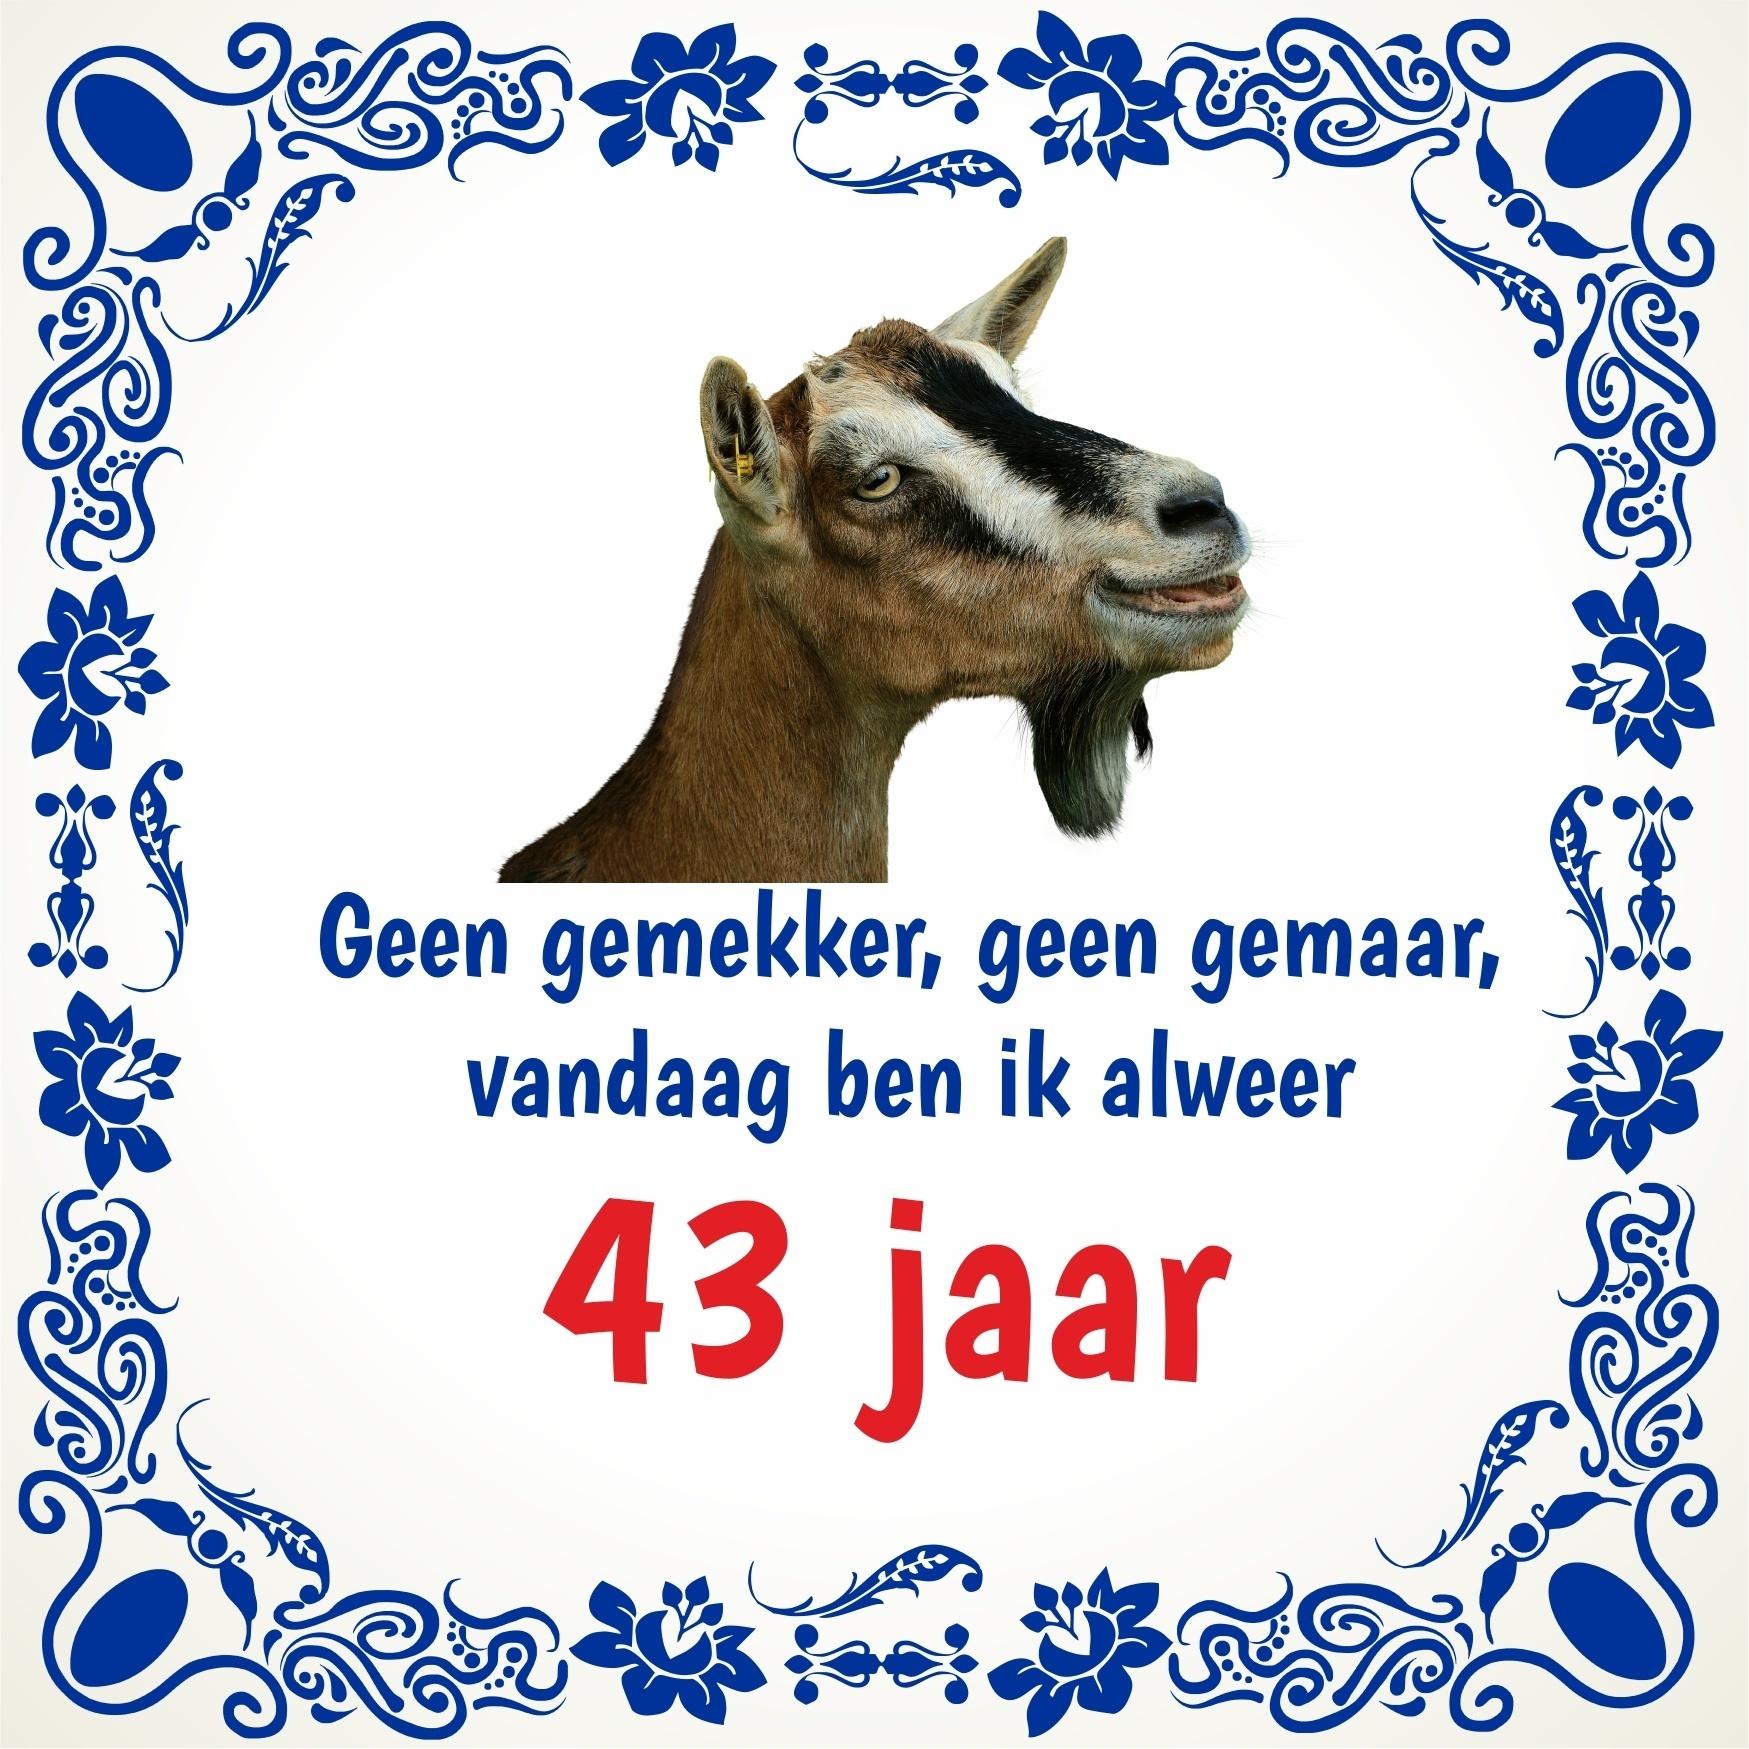 Verwonderend Tegel met leuke spreuk en afbeelding geit 43 jaar OR-08